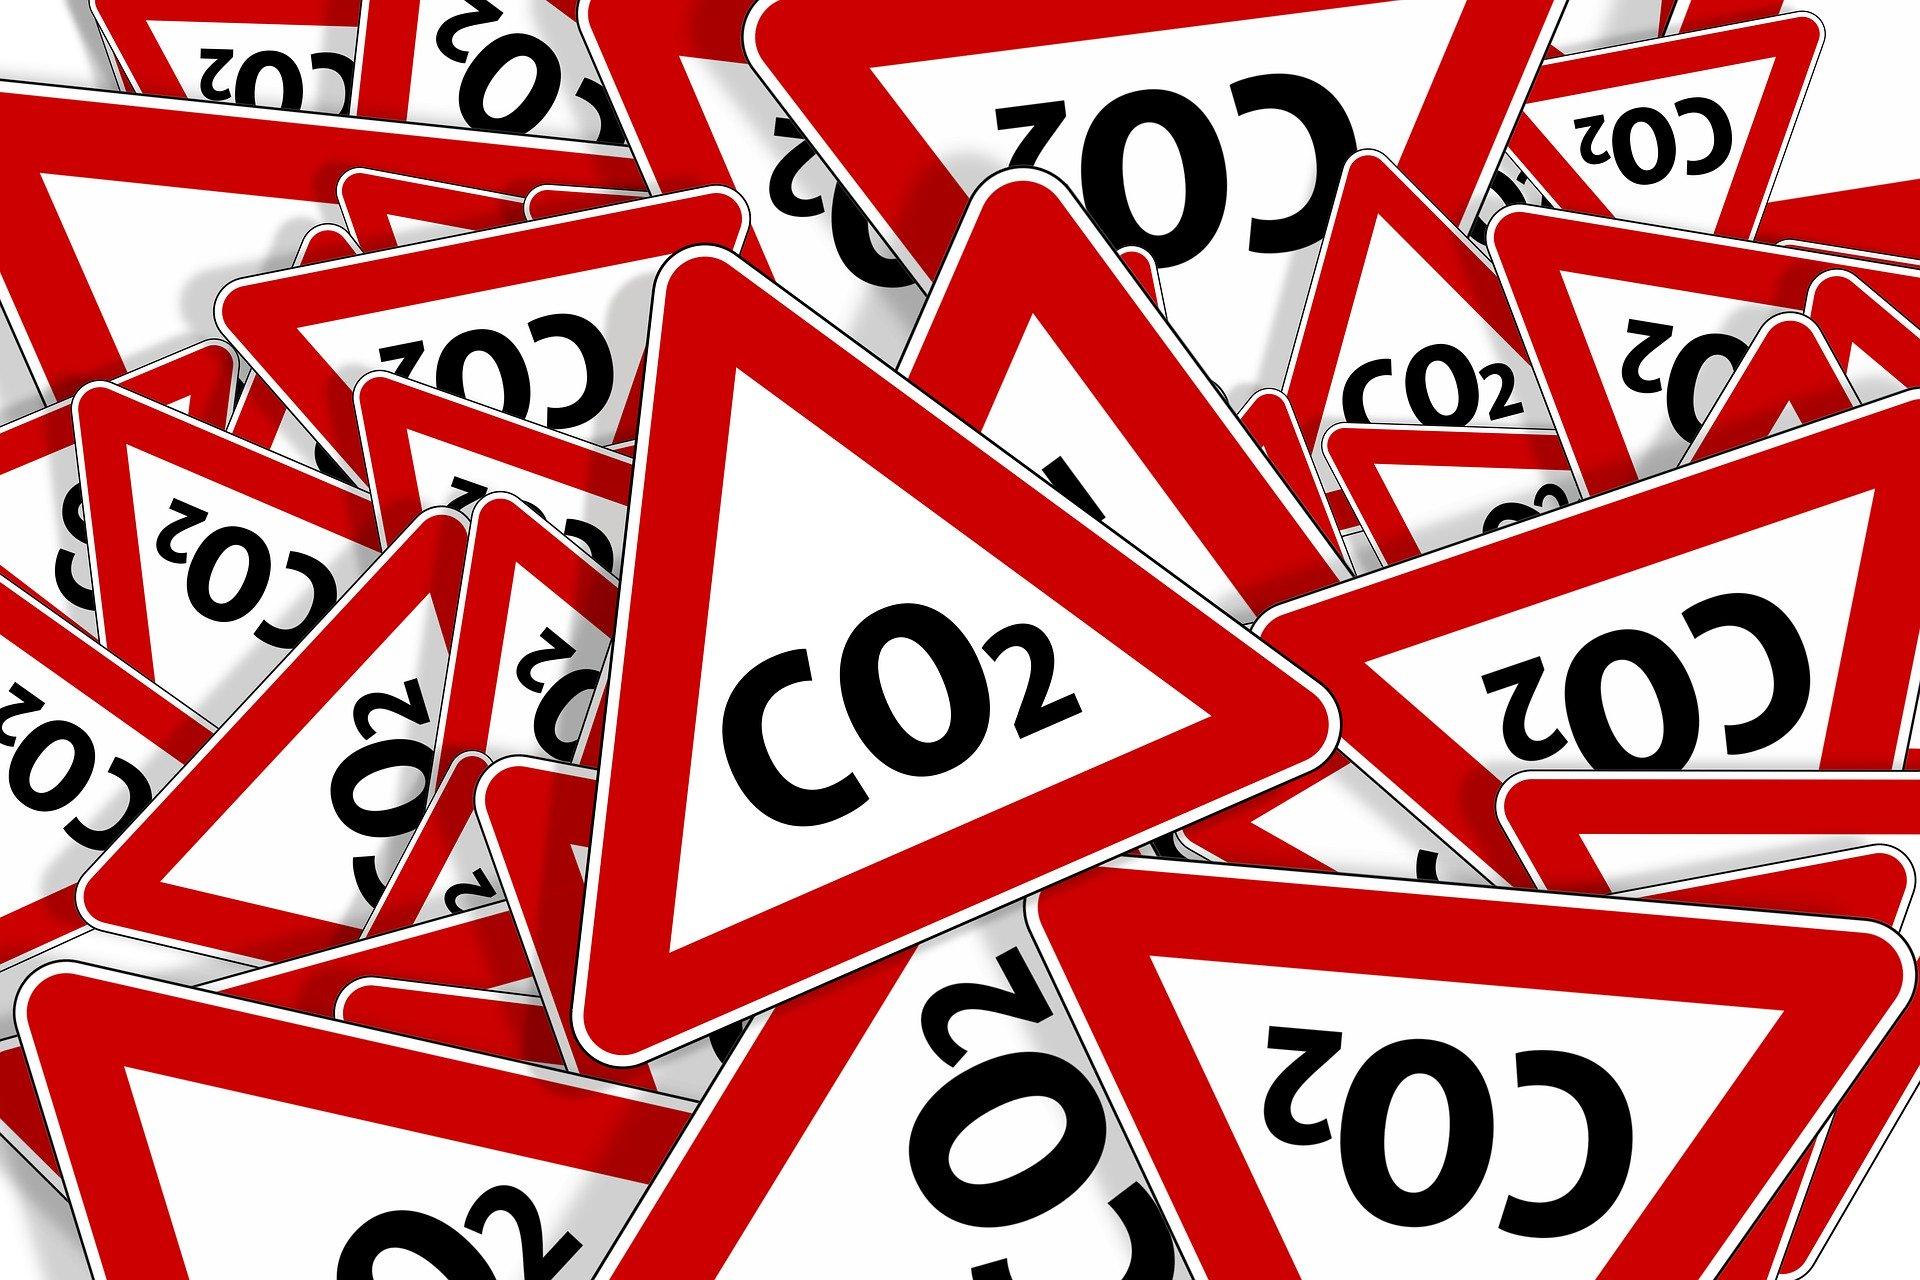 Der natürliche Treibhauseffekt ermöglicht Leben! Der vom Menschen verstärkte Treibhauseffekt vernichtet Leben!